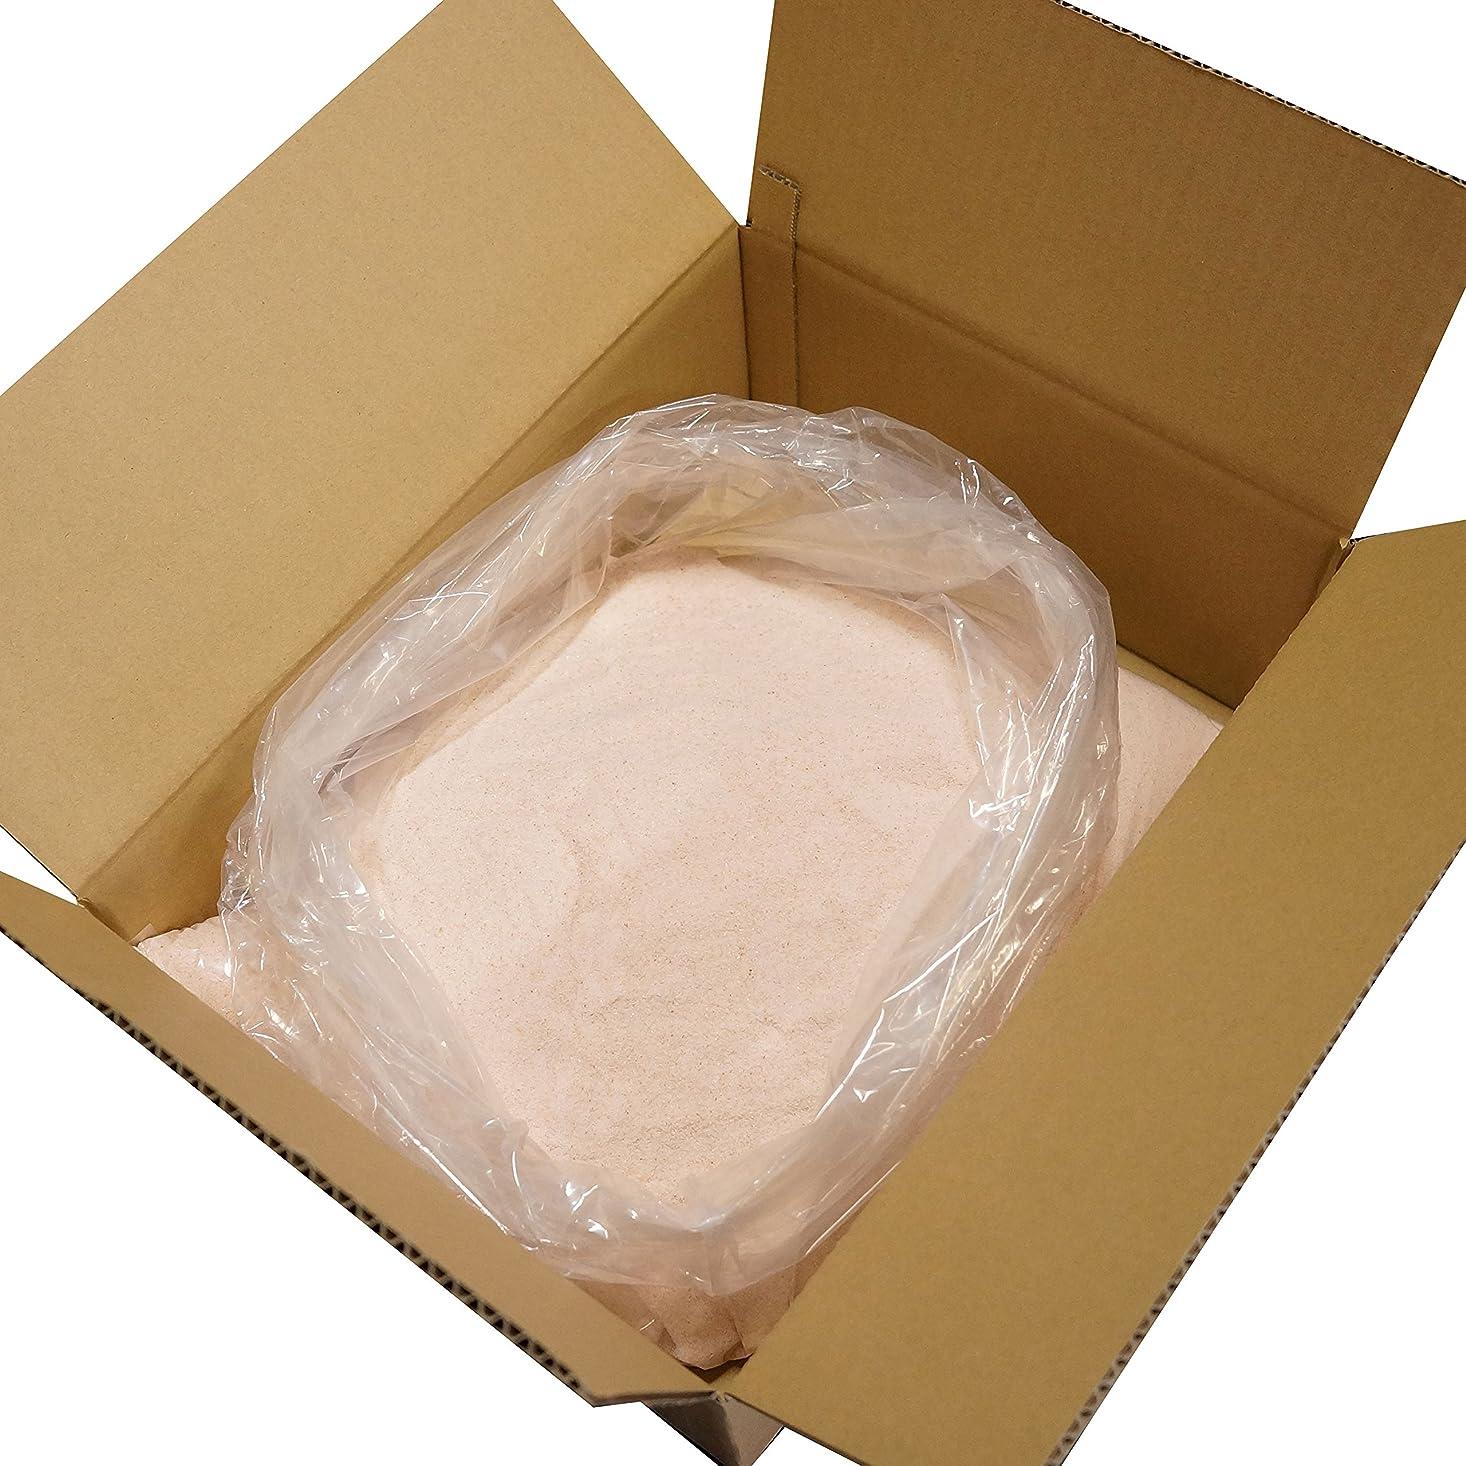 閃光カートンボリュームヒマラヤ 岩塩 ピンク パウダー 細粒タイプ 業務用 原料 (10kg)